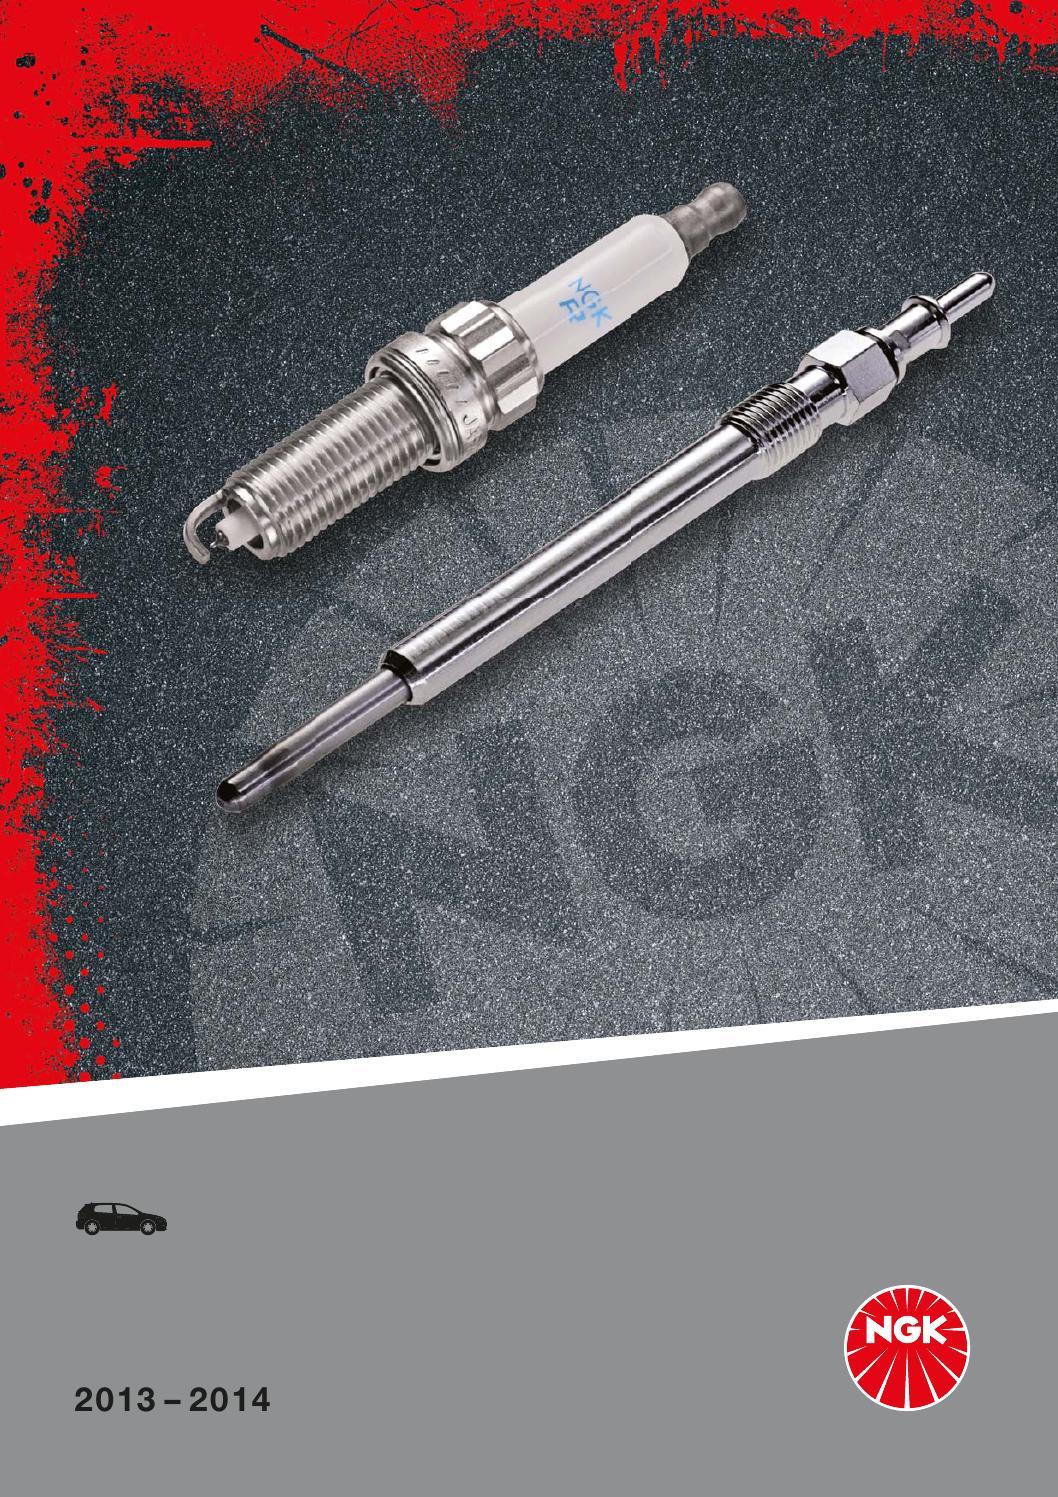 4 CANDELE NGK FIAT MULTIPLA 1.6 16V BIPOWER BLUPOWER NATURAL POWER NGK BKR6EKC